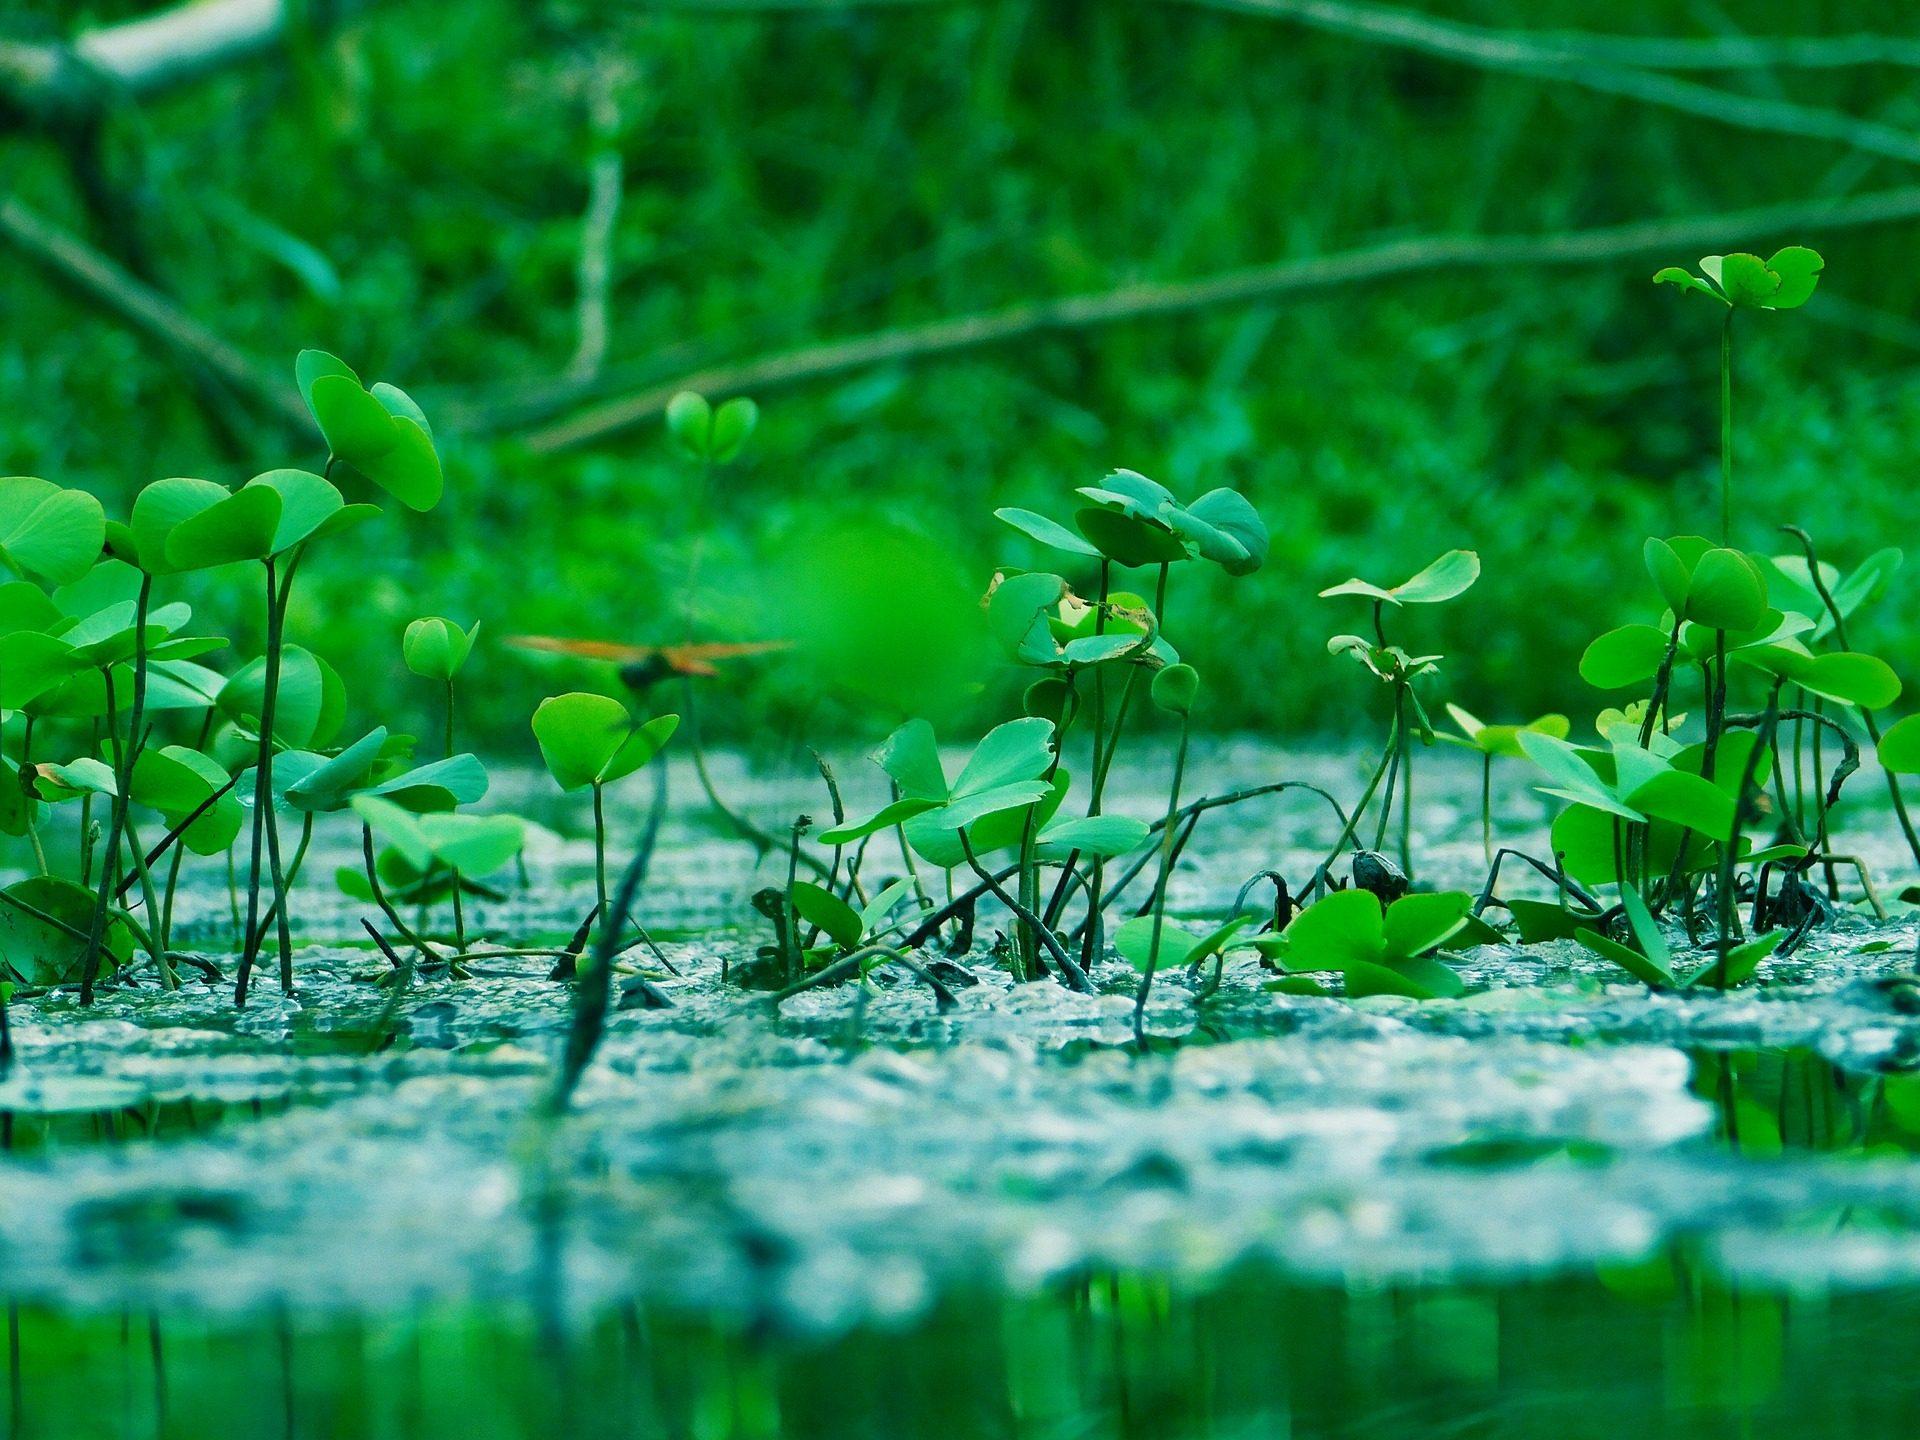 вспышки, листья, растения, Рио, Лагуна, воды - Обои HD - Профессор falken.com